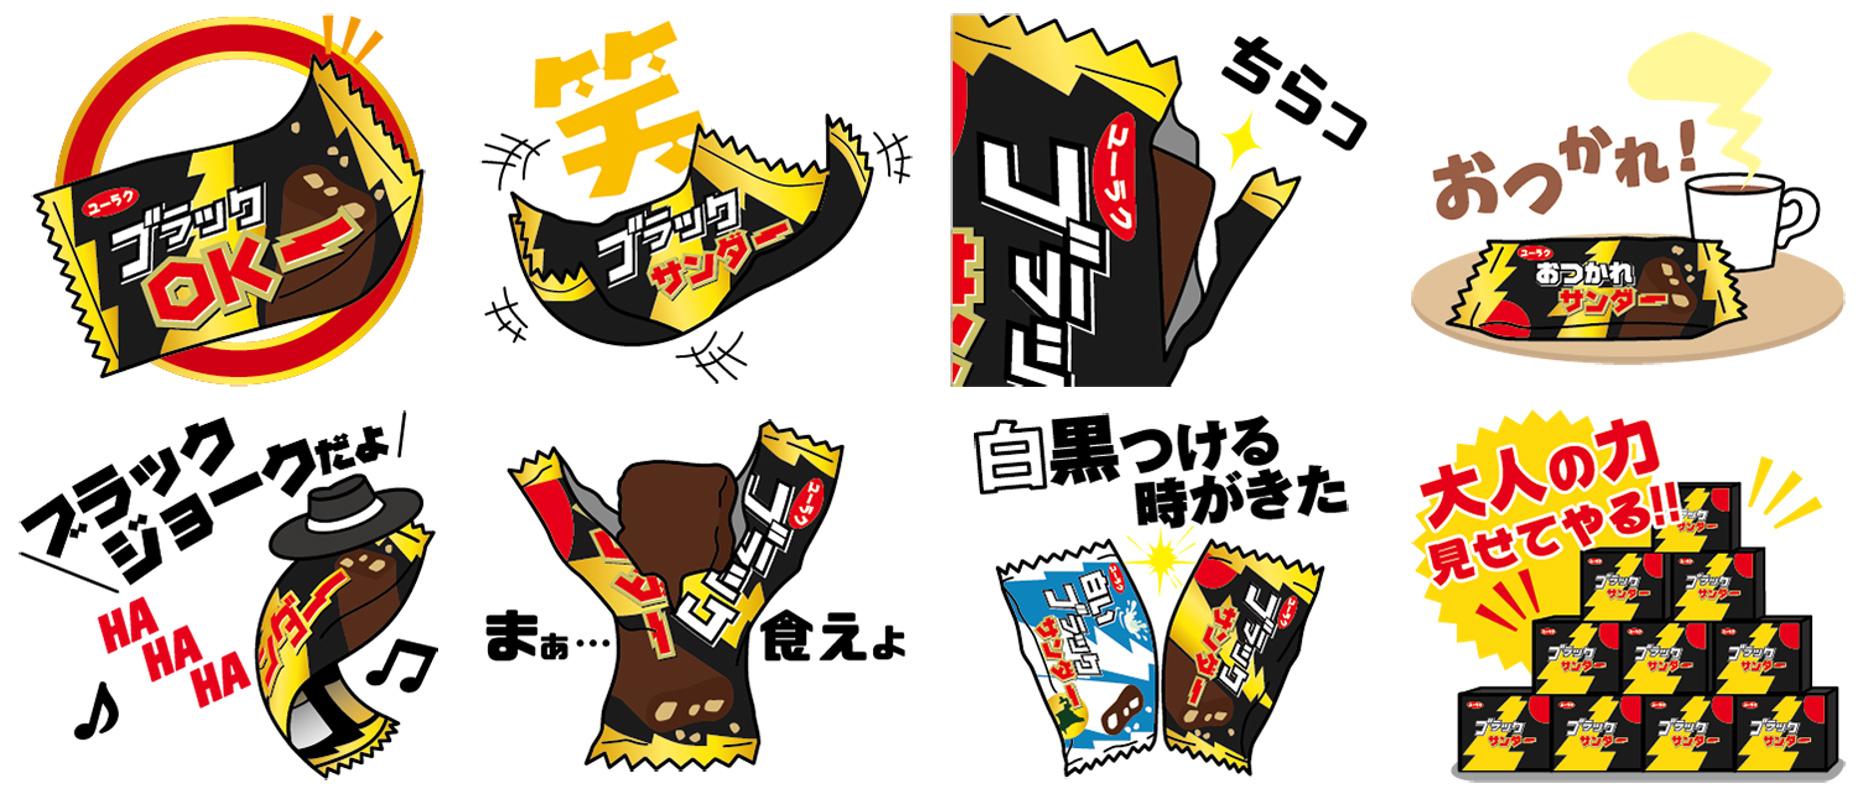 国民的チョコ菓子「ブラックサンダー」がまさかのLINEスタンプ化